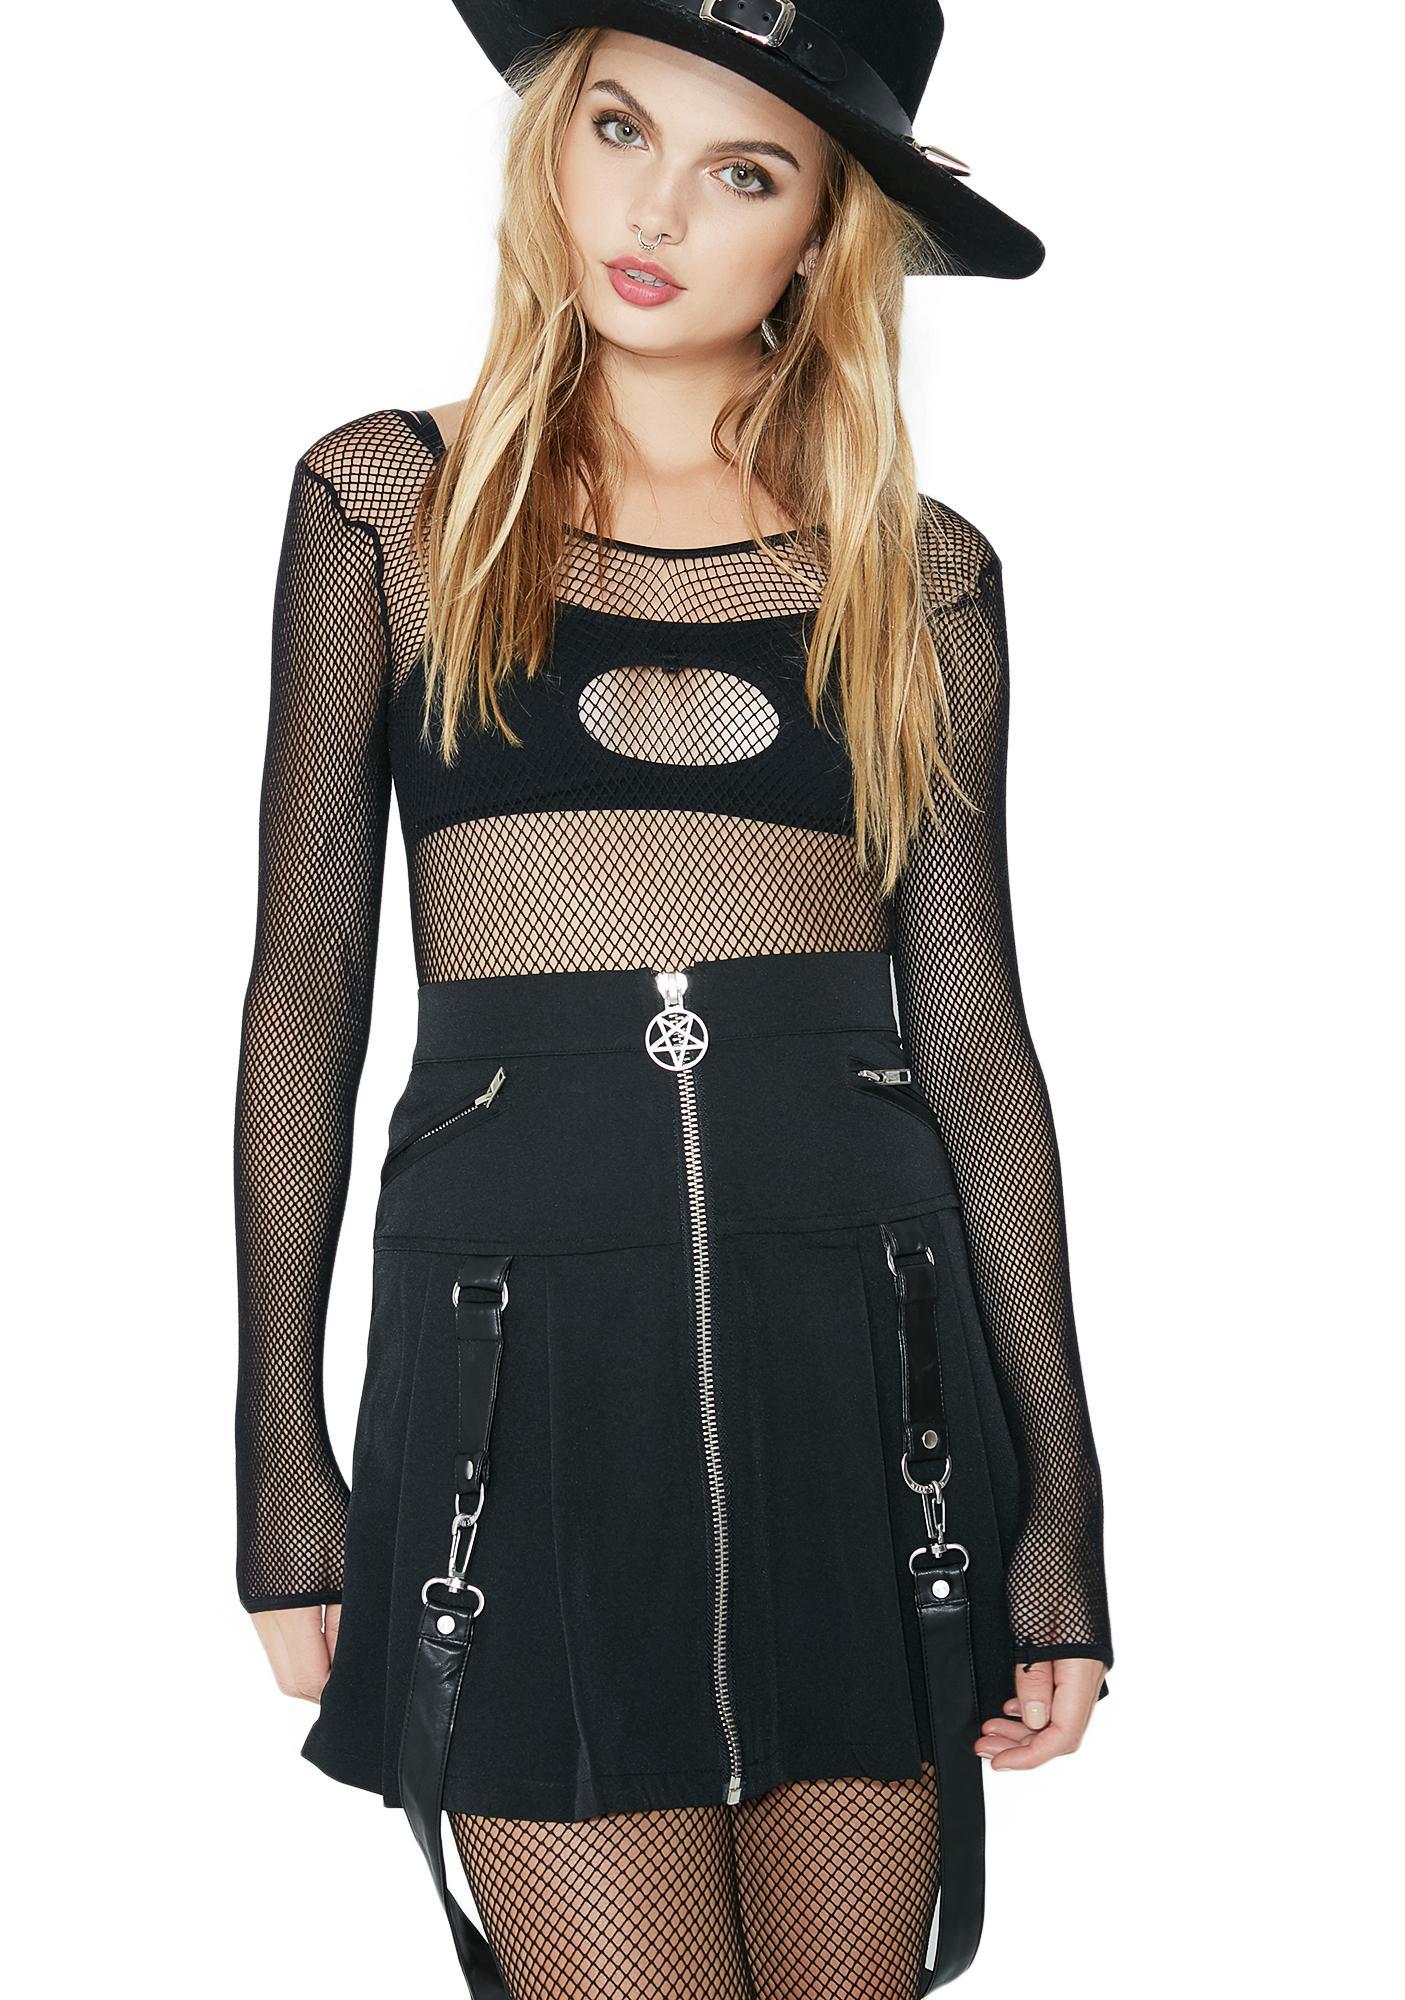 Killstar Blaire B*tch Mini Skirt